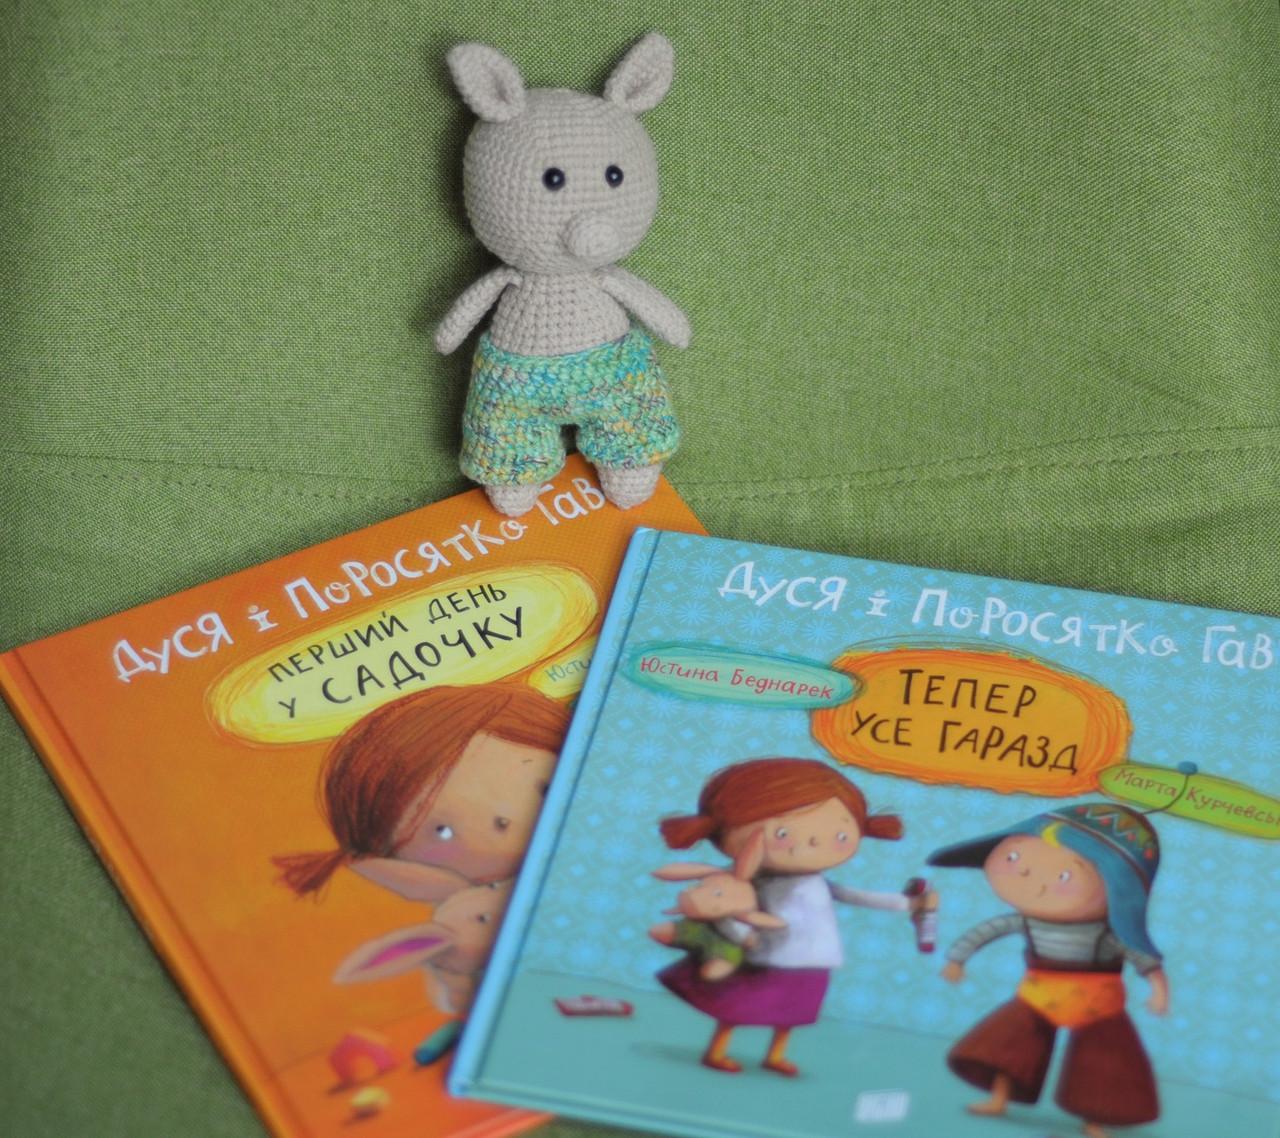 Книги про Дусю і Поросятко Гав + іграшка